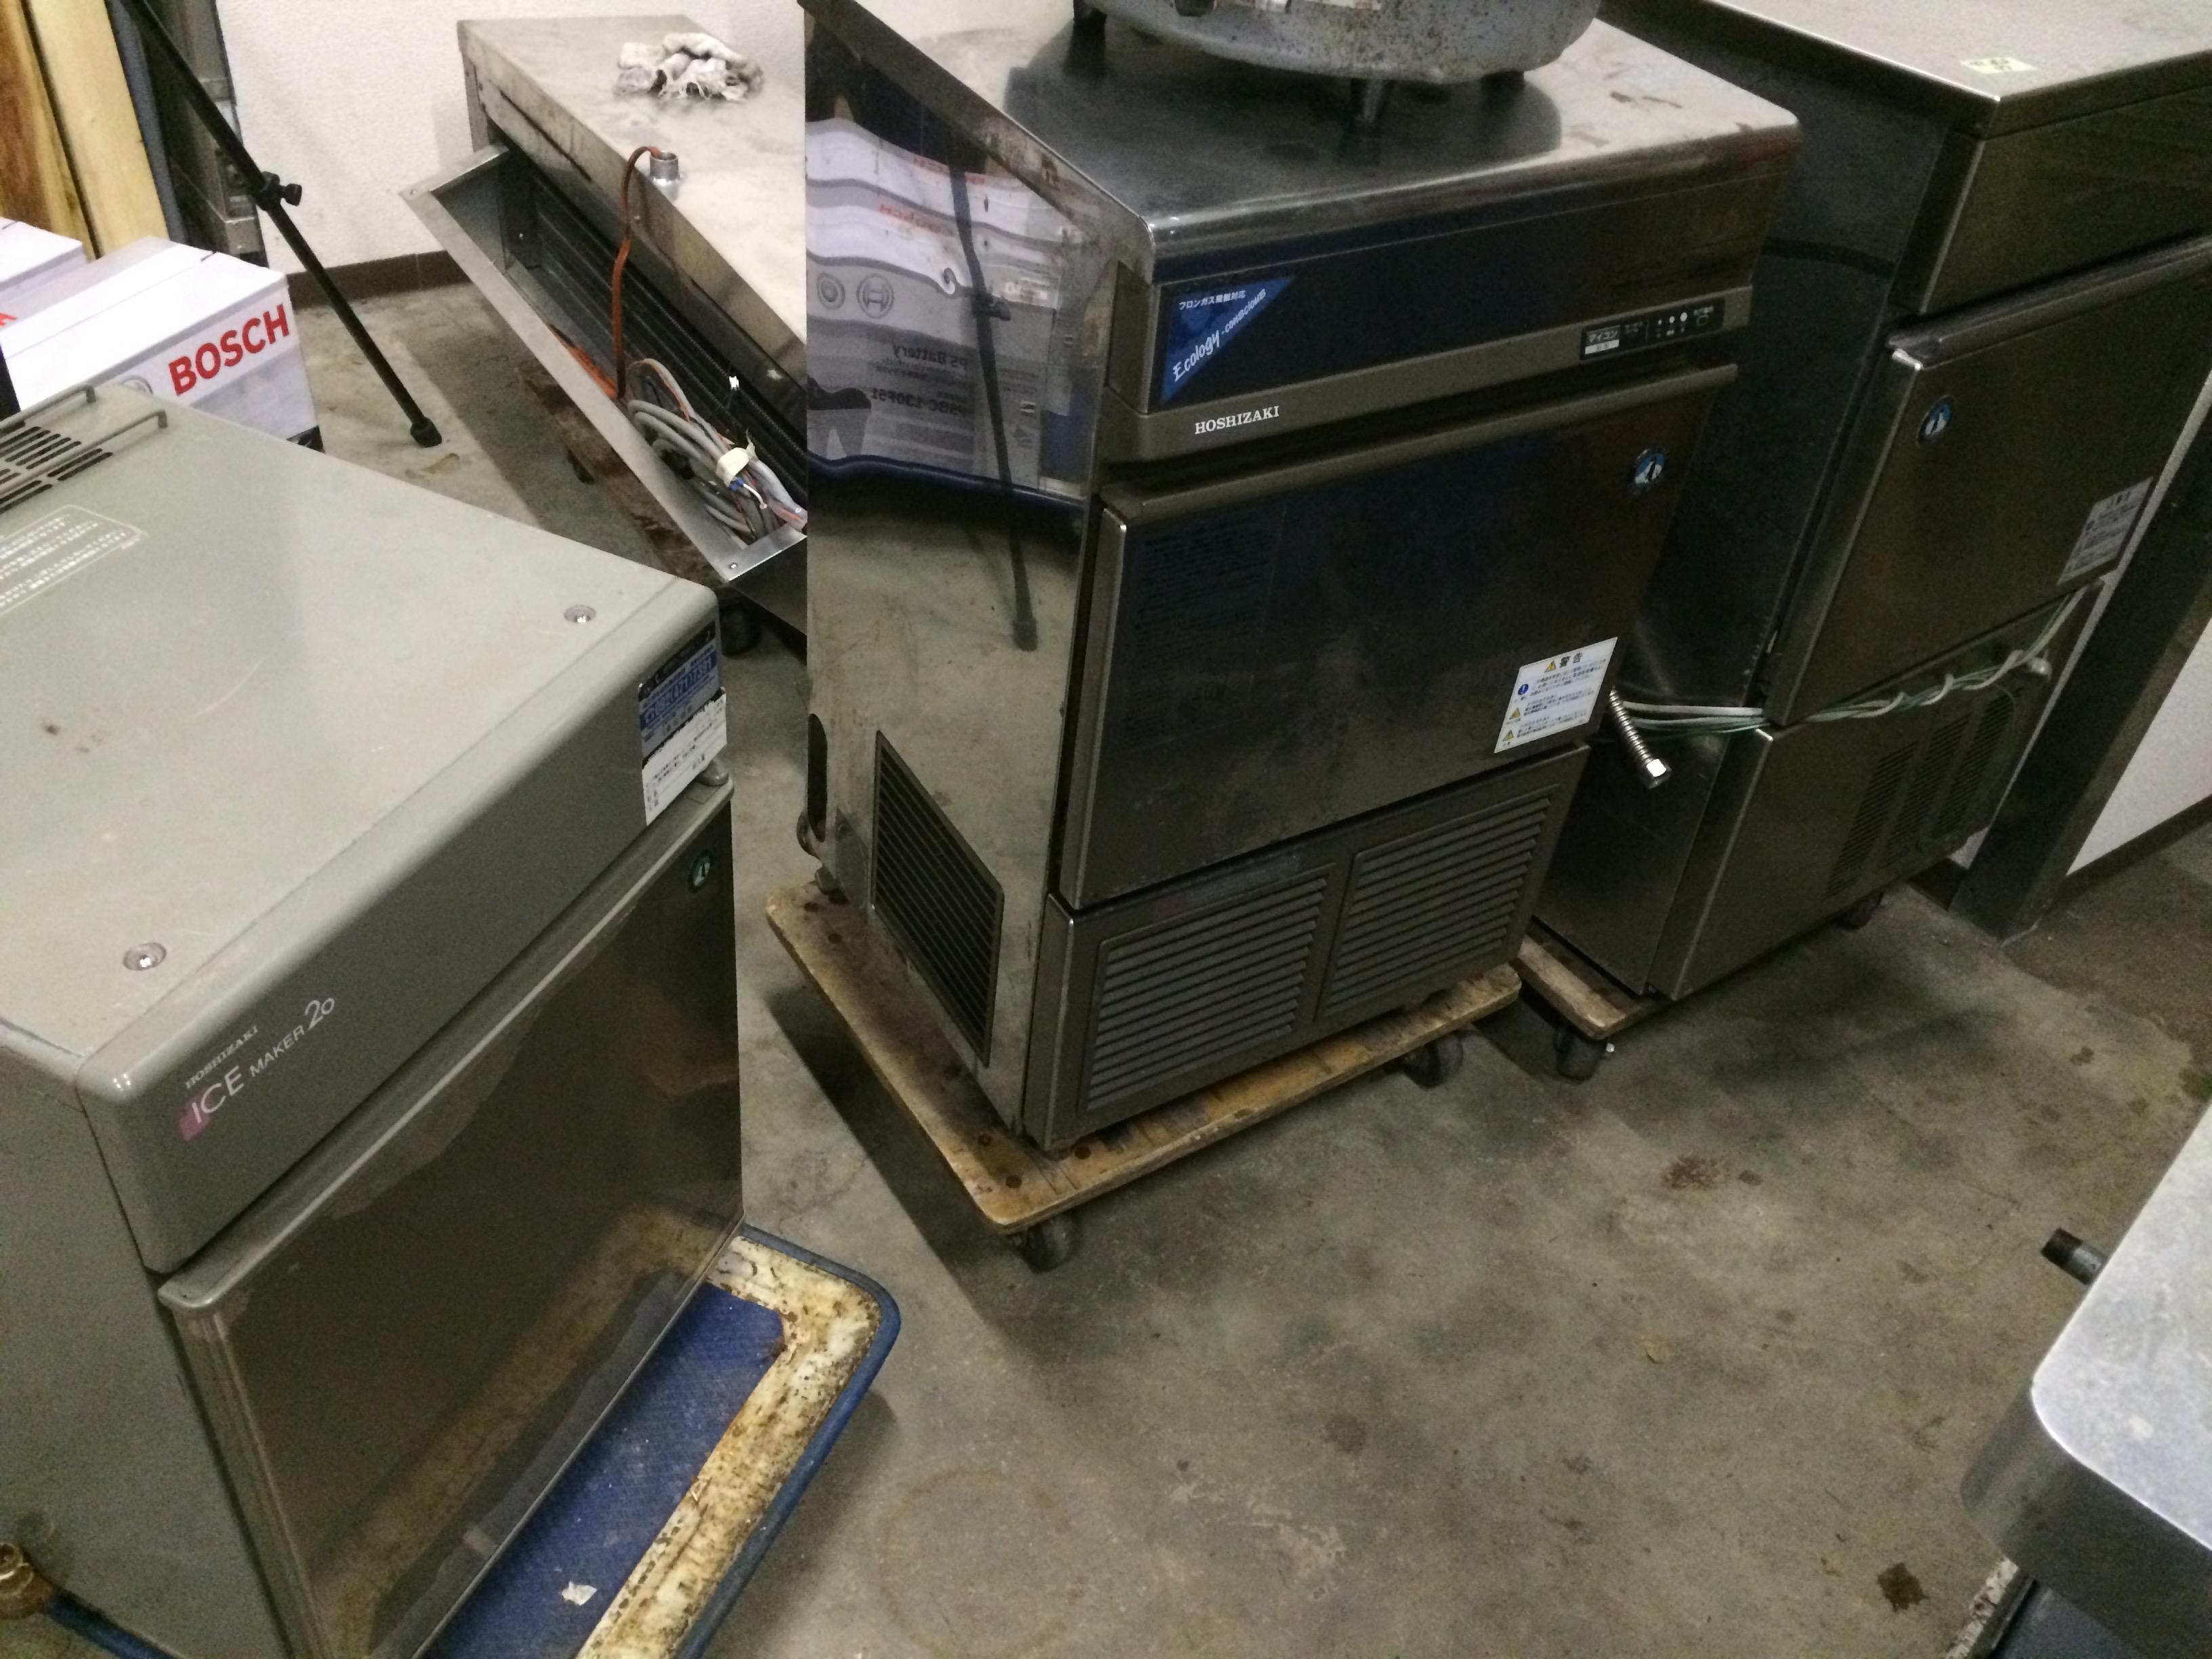 ホシザキ 製氷機買取ました!福岡・熊本で厨房機器の事は厨房ジャックへ